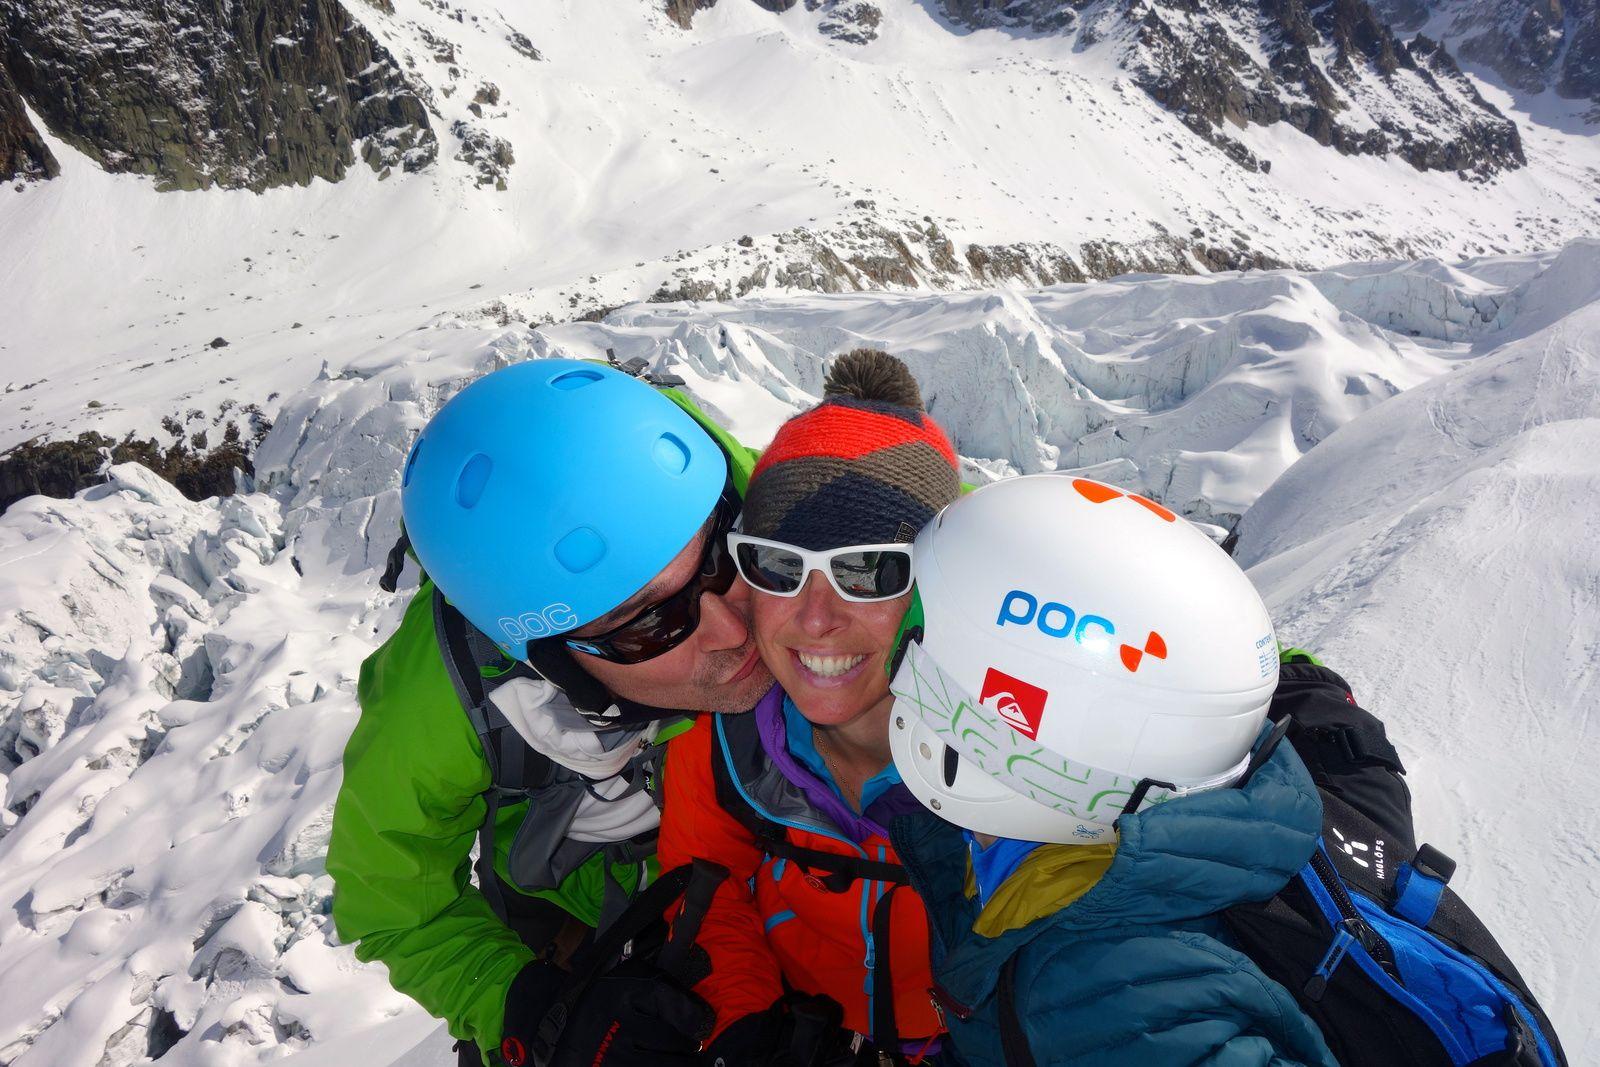 randonnée à ski, Petite verte, Grands Montets, Chamonix Mont Blanc. http://www.geromegualaguidechamonix.com